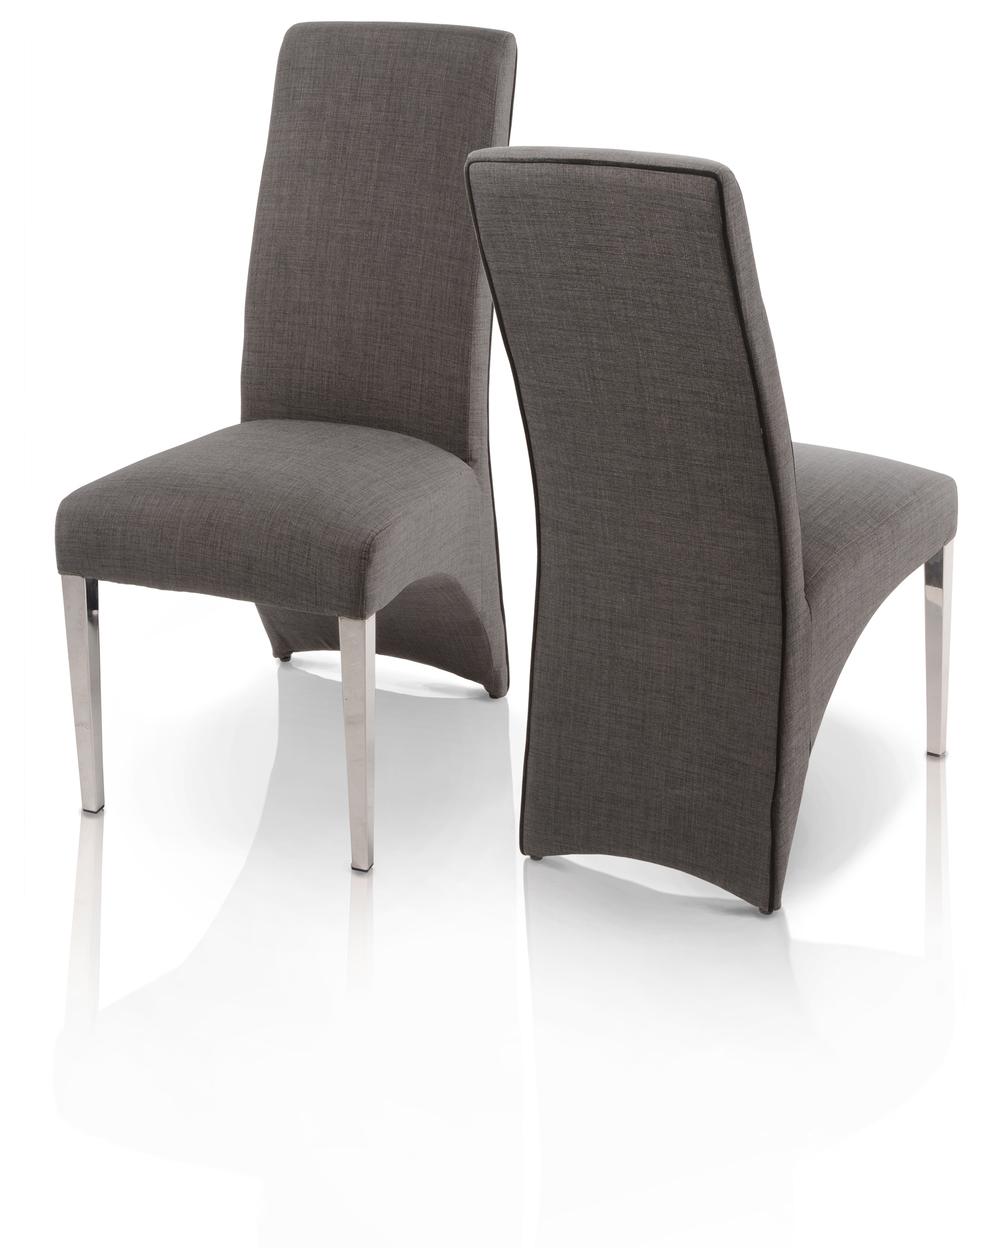 Chair_444-01_M9788-Fog_PIC-1.jpg